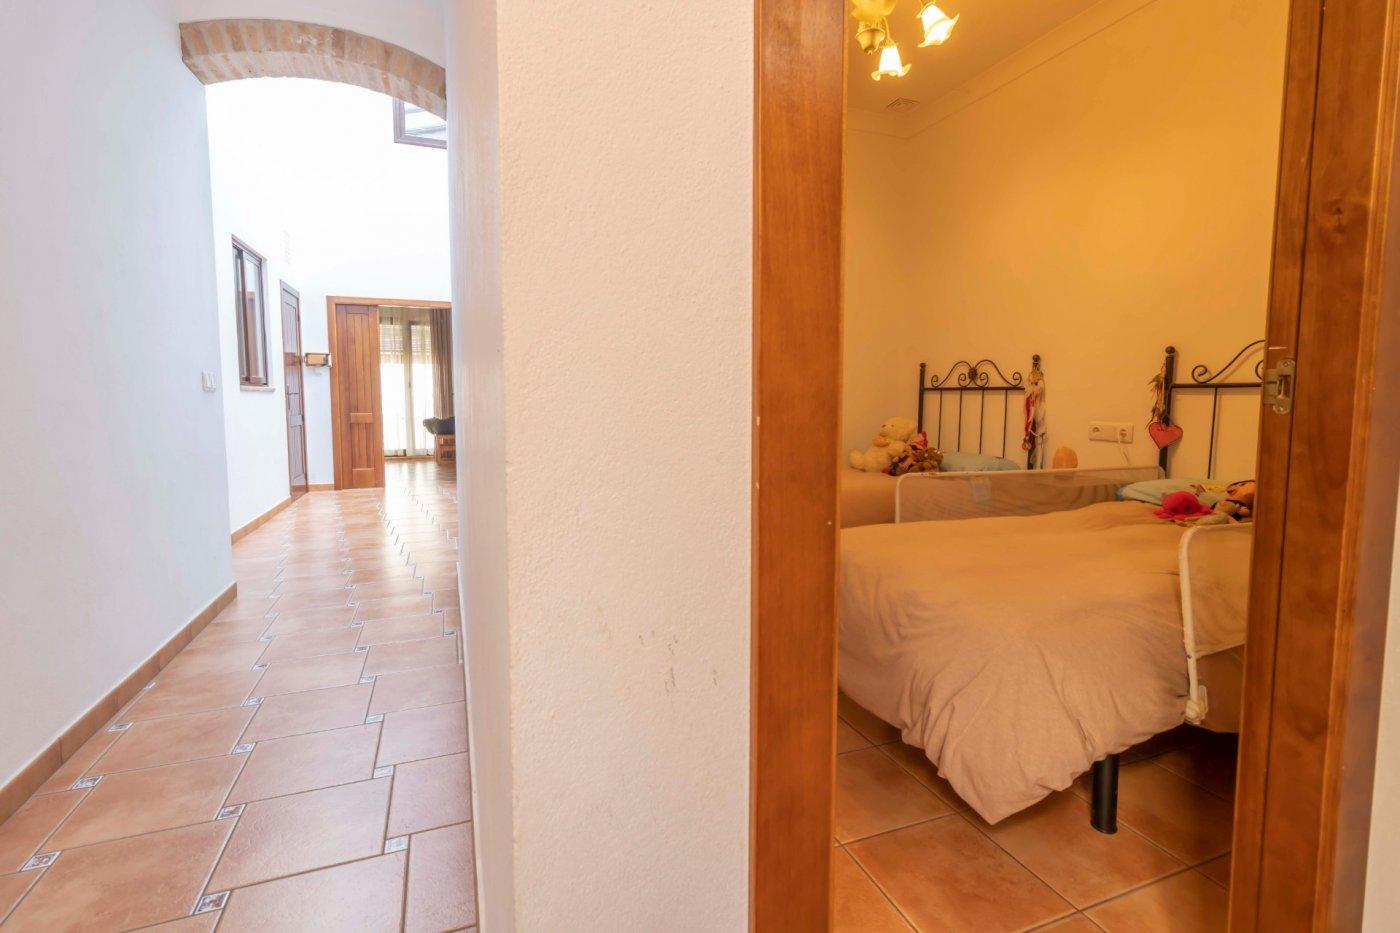 Casa de reciente construccion a la venta en carmona - imagenInmueble20